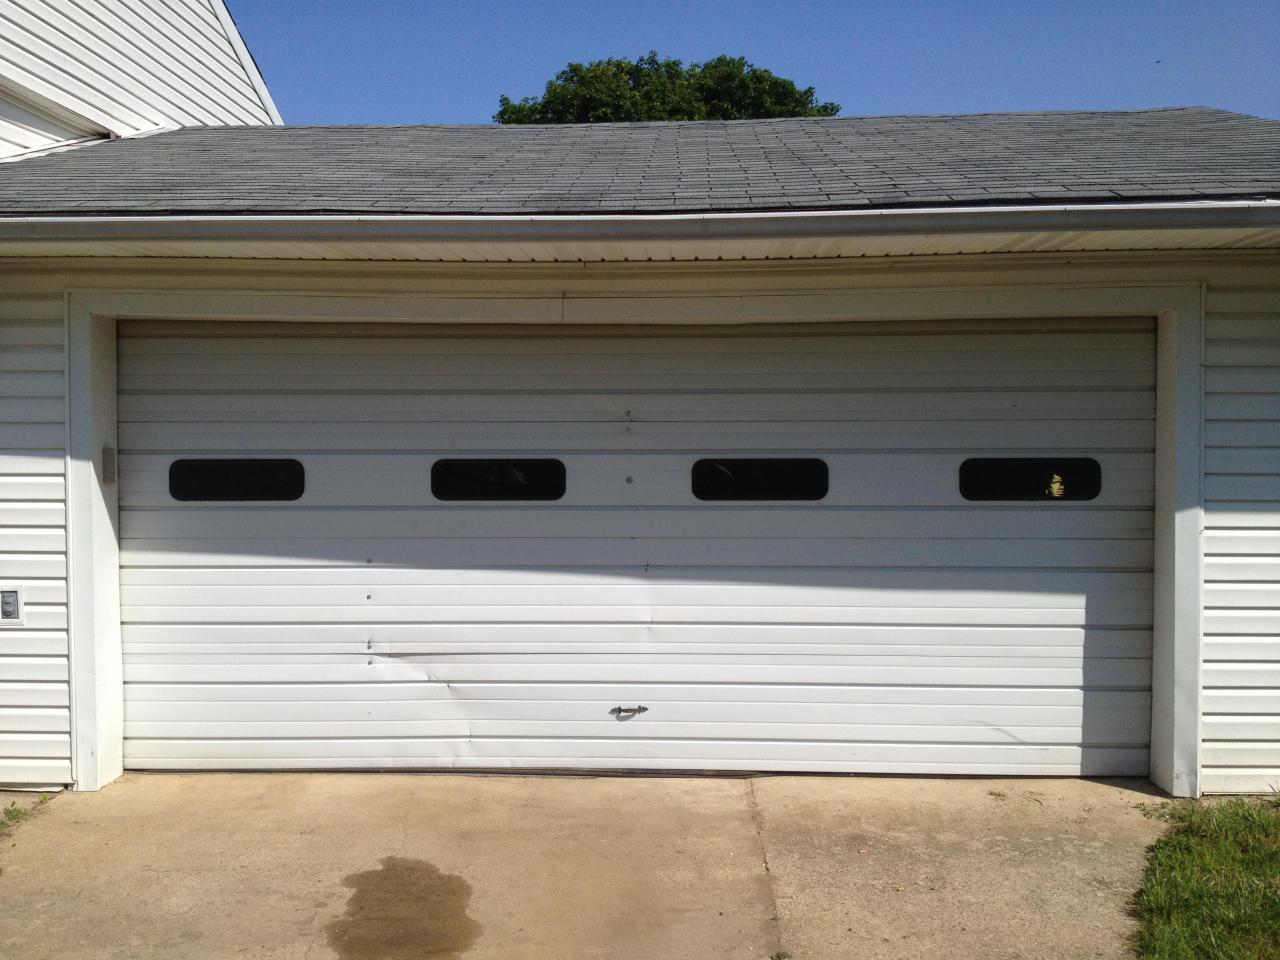 960 #3B5C90 Ingstrup Construction Battle Creek Overhead Doors wallpaper Insulated Overhead Garage Doors 37351280